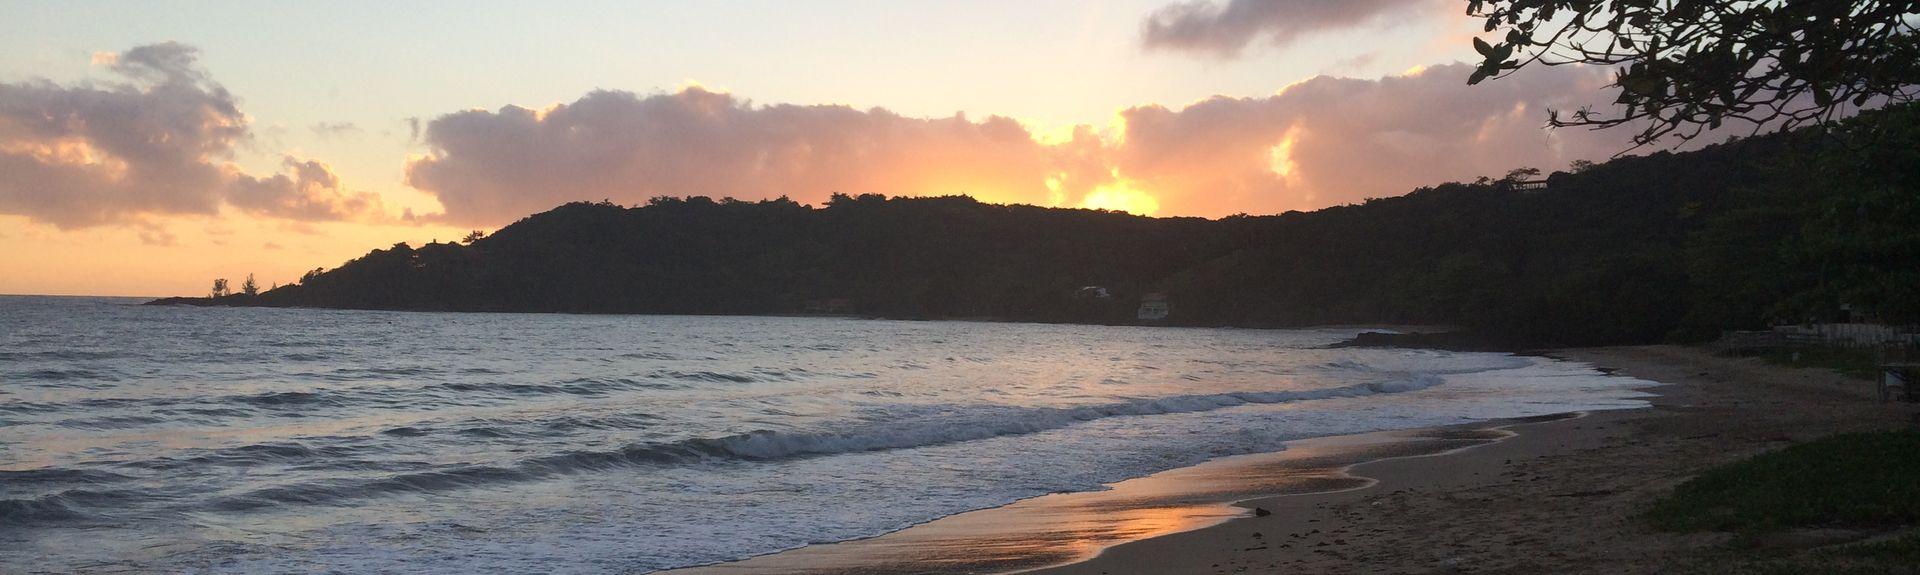 Praia de Armação do Itapocorói, Penha, Santa Catarina, Brasil